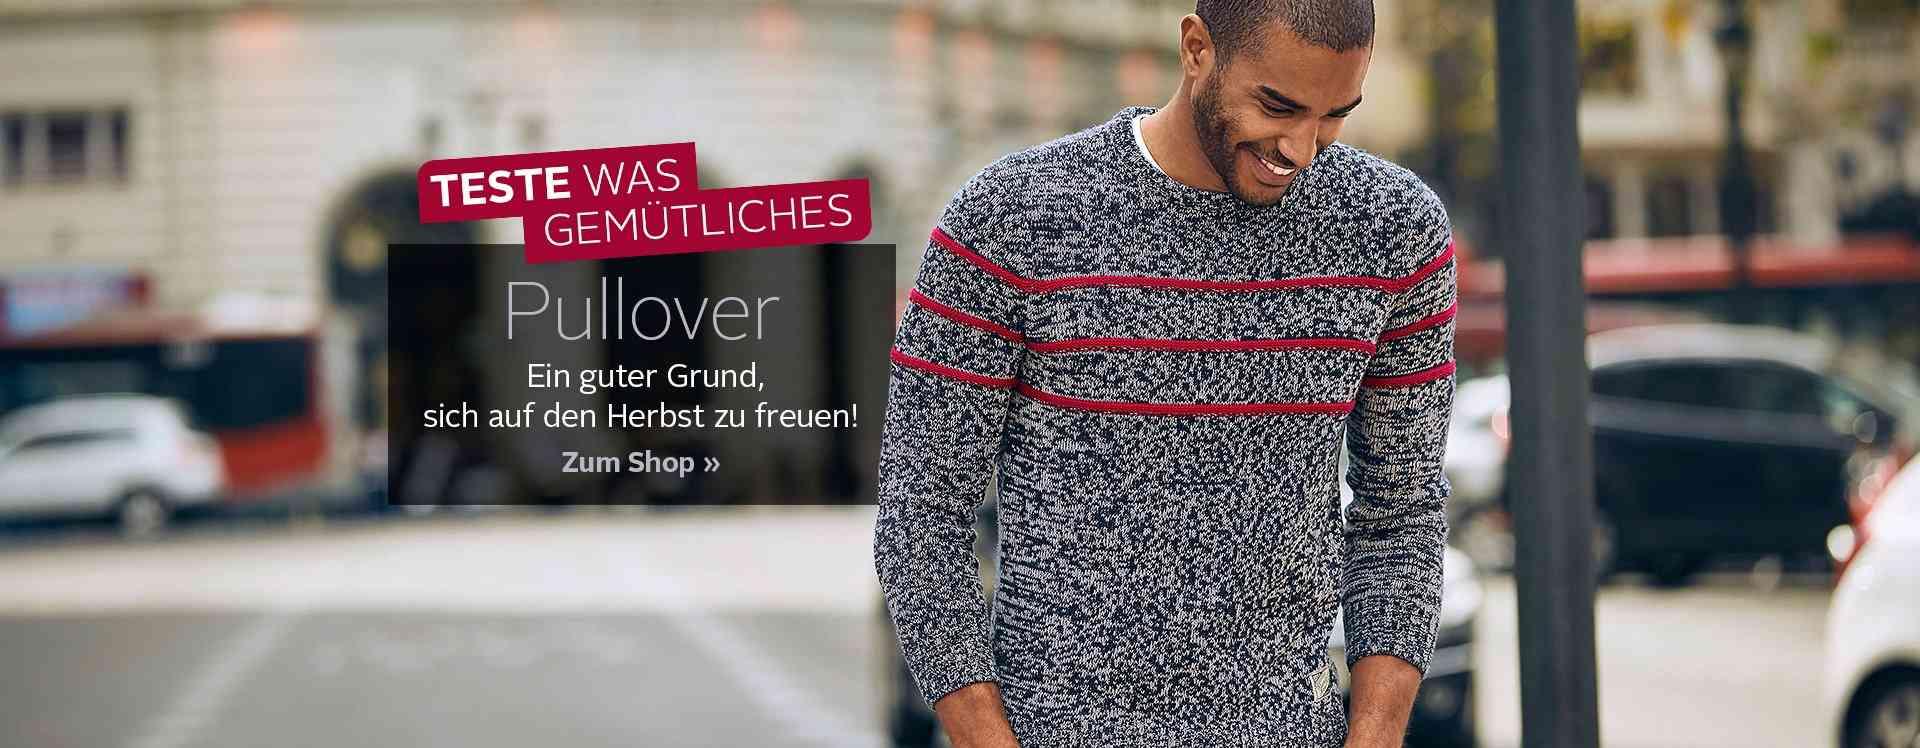 Ob sportlicher Klassiker bis trendiger Hingucker: Ihr Favorit ist auch dabei! Entdecken Sie jetzt unsere vielfältige Pullover-Auswahl.